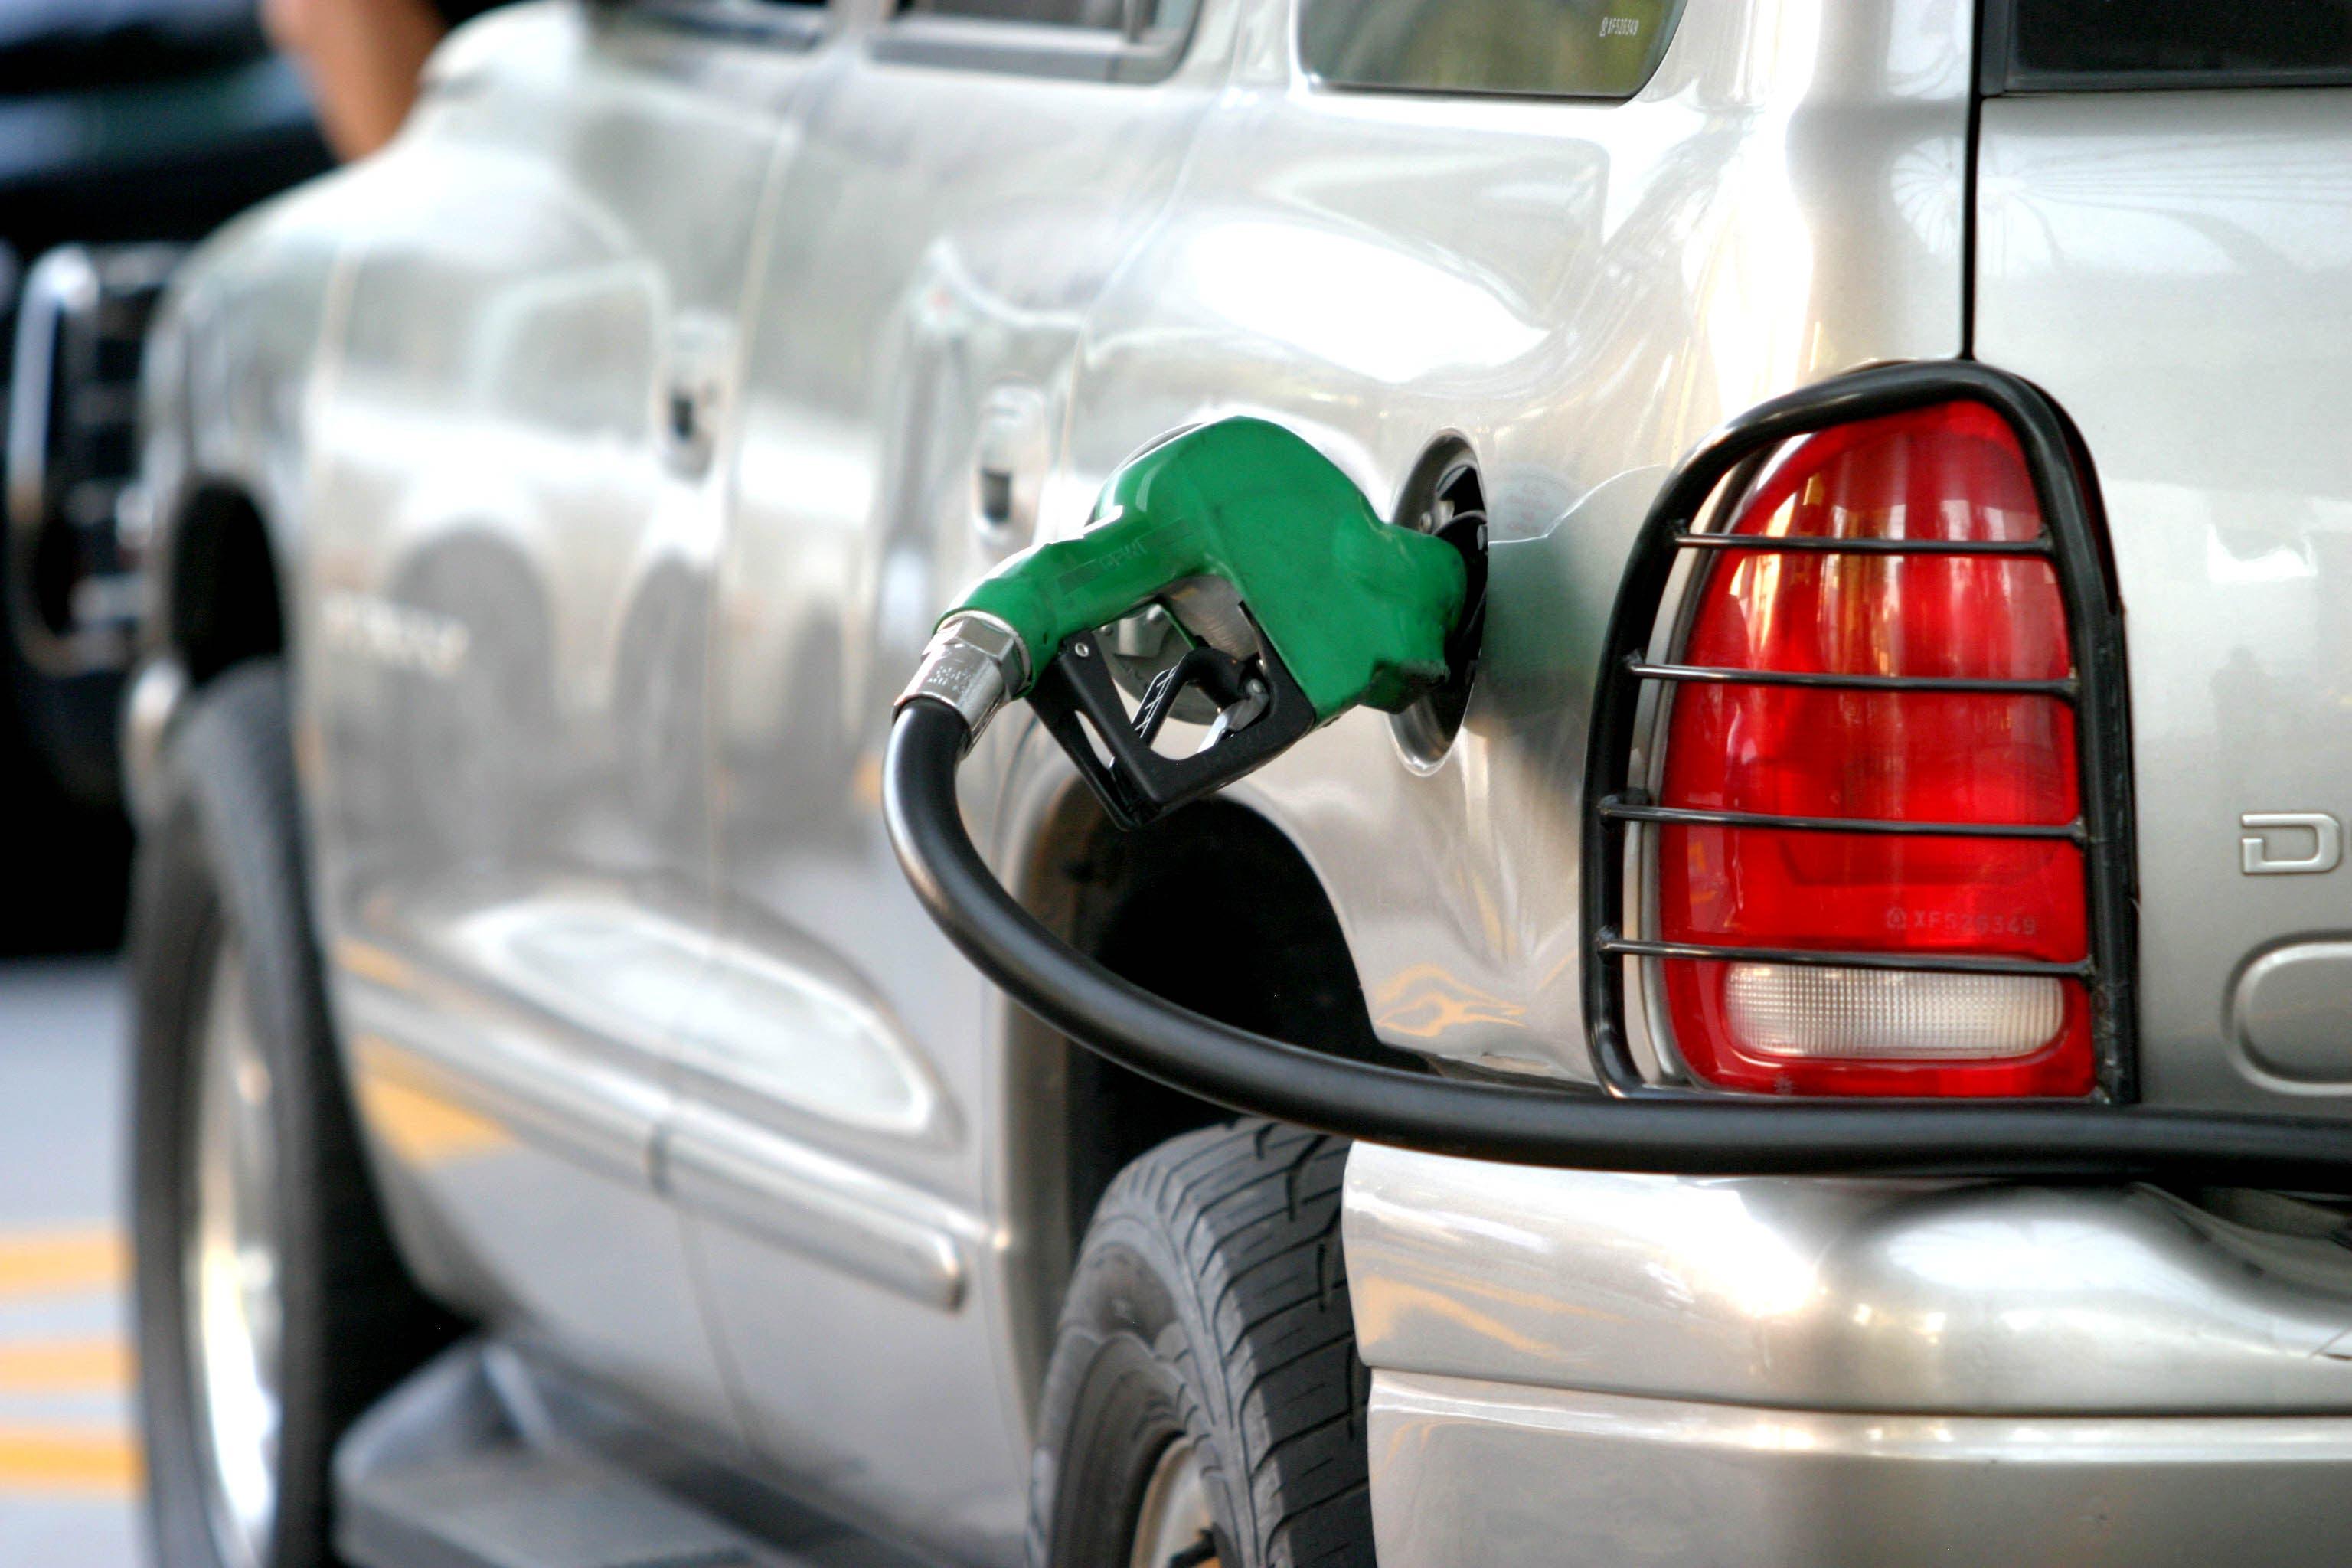 Trucos para ahorrar gasolina y que te salga más barata